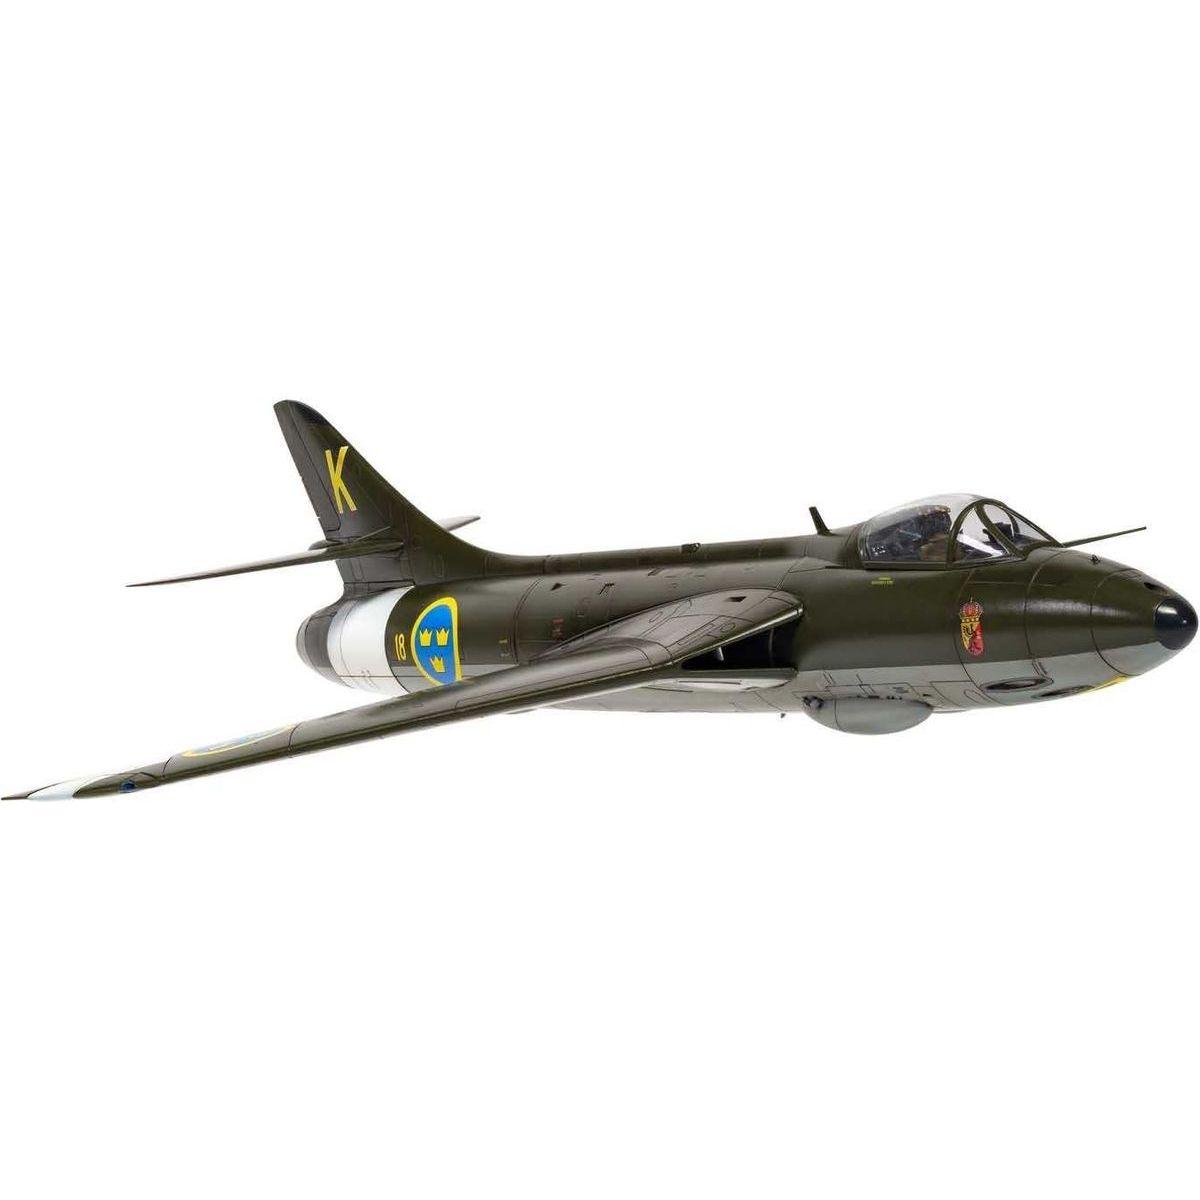 Airfix Classic Kit lietadlo A09189 Hawker Hunter F.4 F.5 J.34 1:48